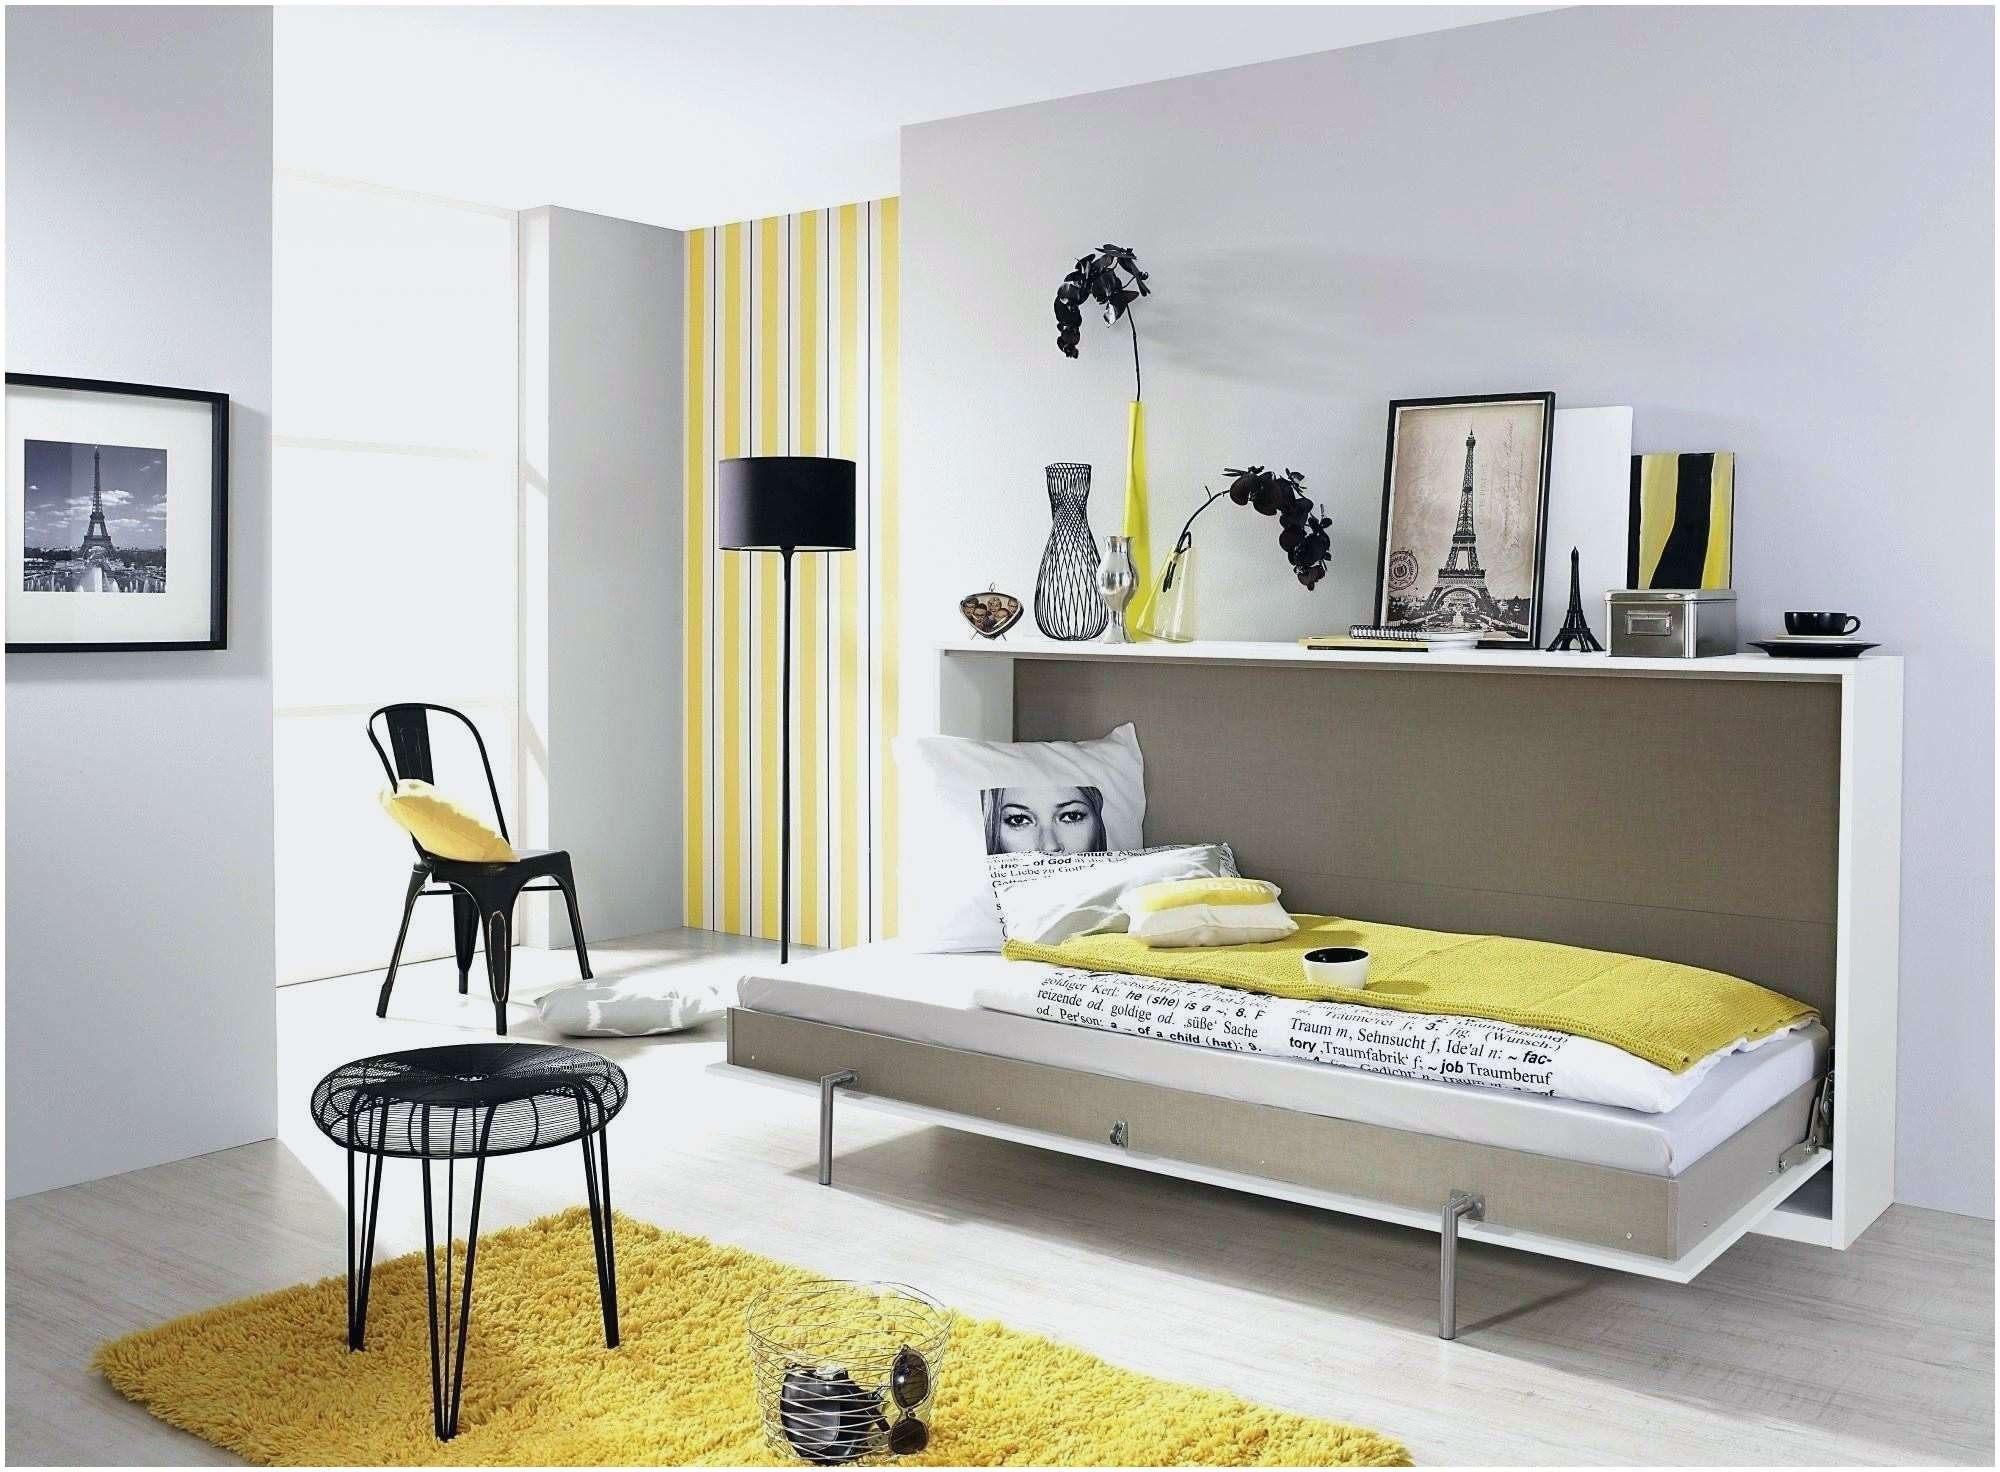 Lit Mezzanine En Fer Agréable Luxe Lit Convertible 2 Places Ikea Canape 2 Places Ikea Lit